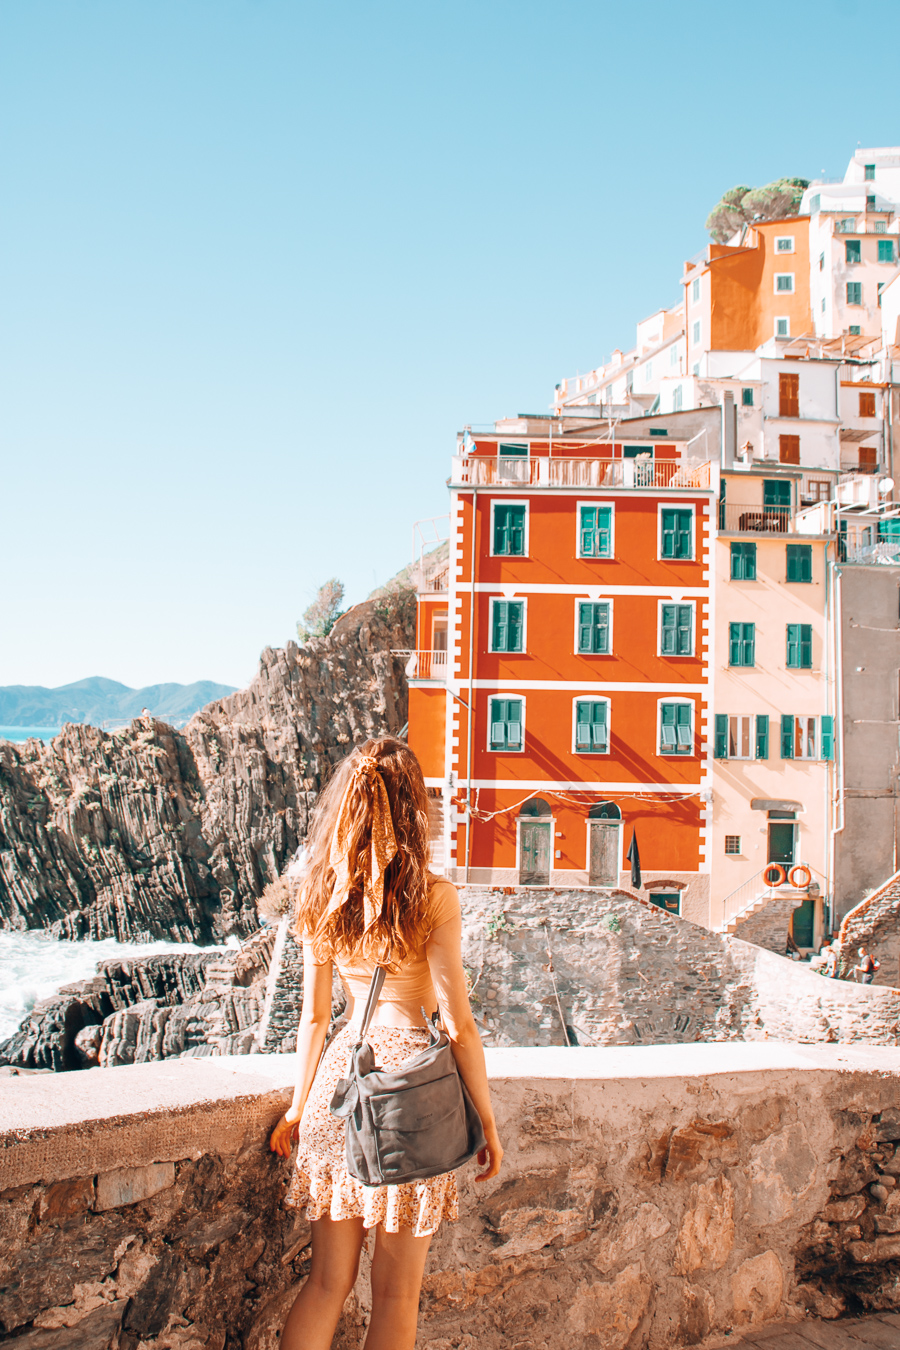 A girl in Riomaggiore